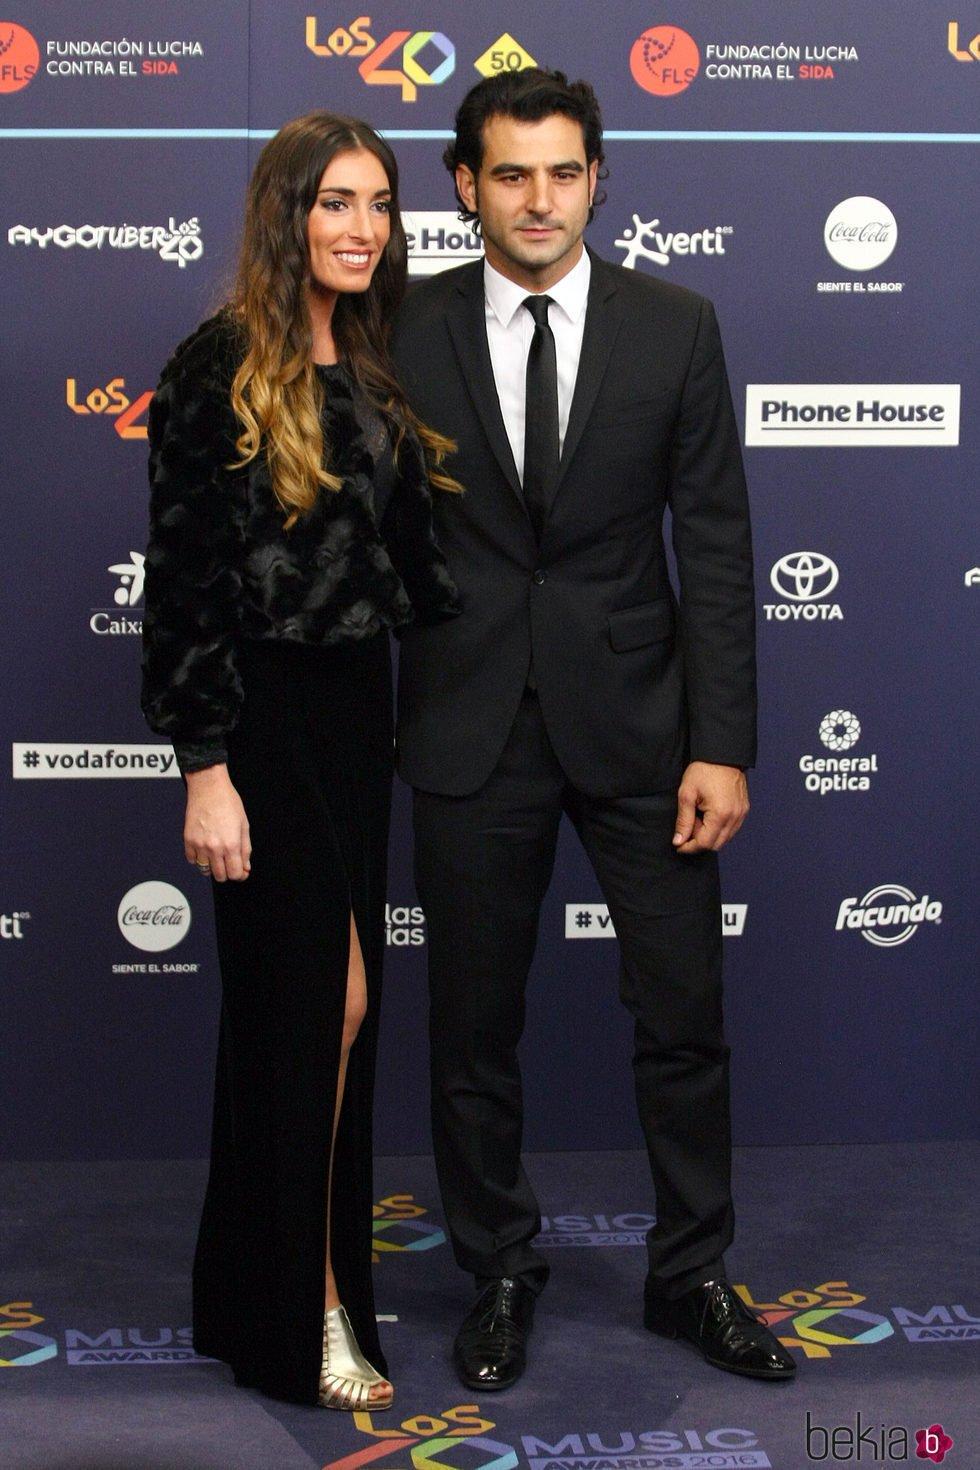 Antonio Velázquez presenta a su novia en Los40 Music Awards 2016